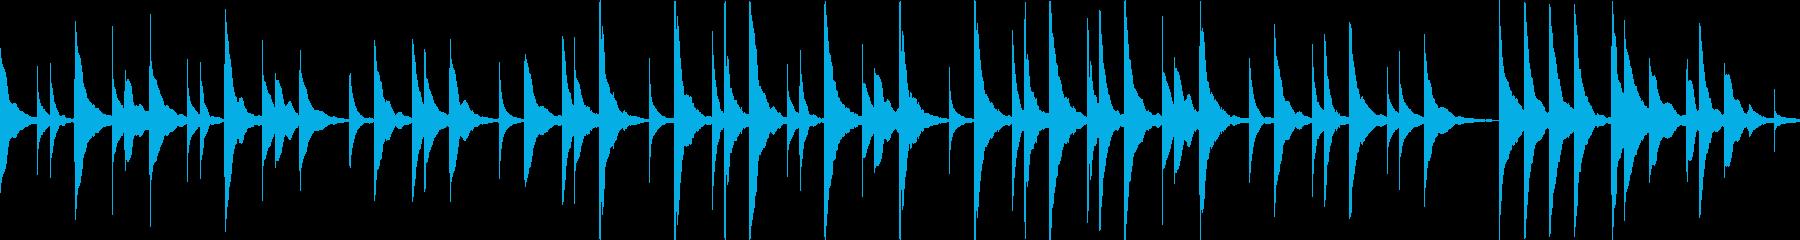 オルゴールアレンジきよしこの夜ループokの再生済みの波形